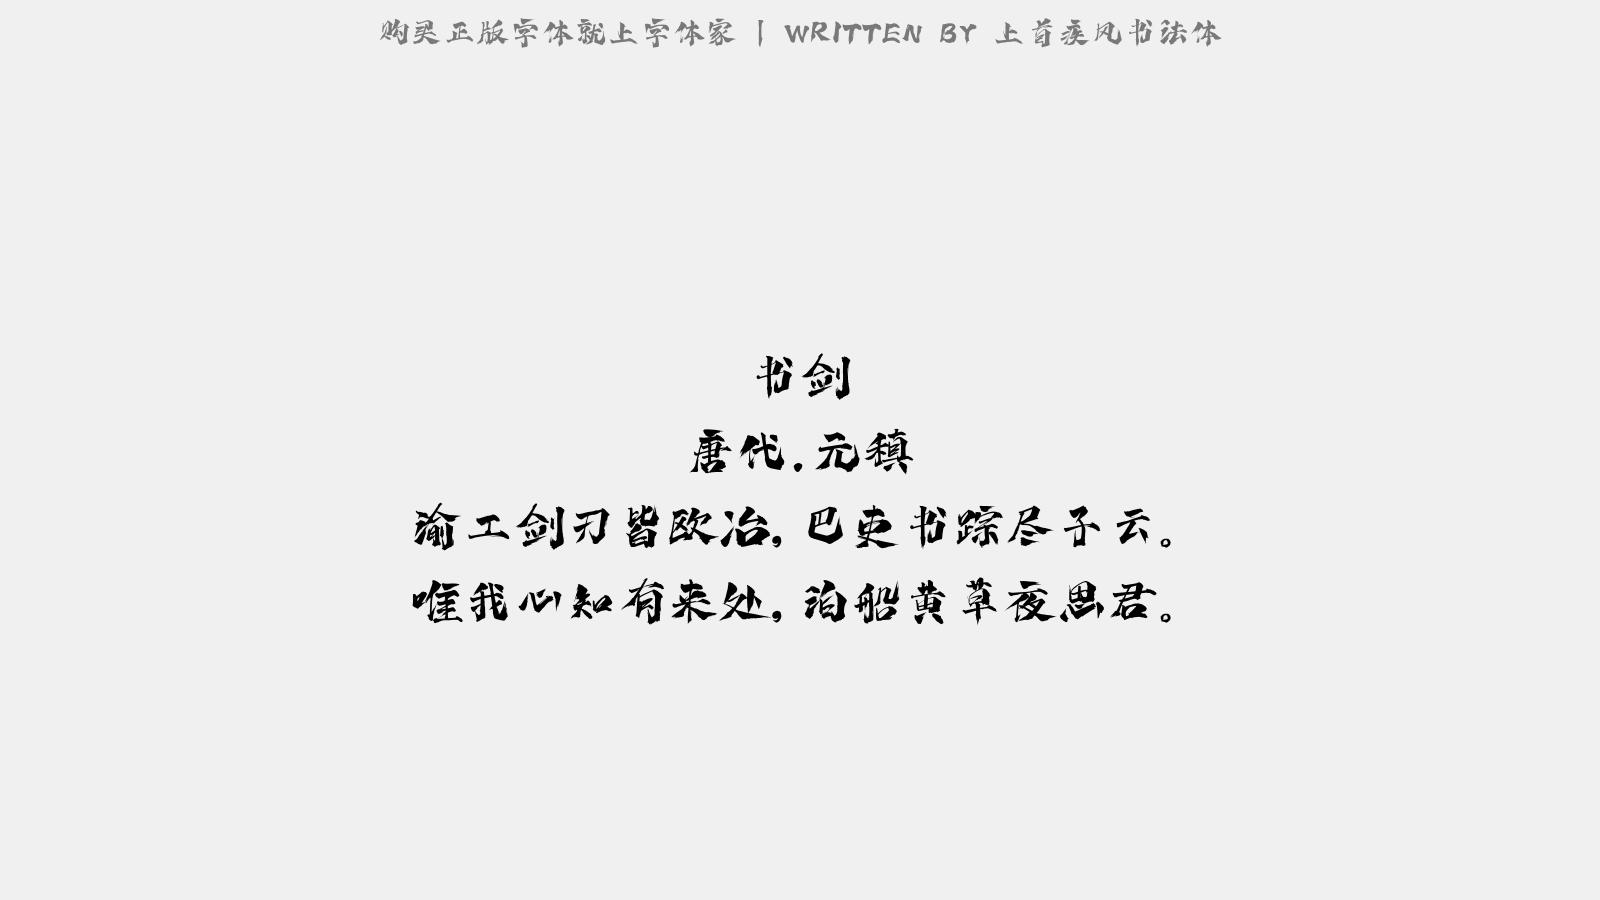 上首疾風書法體 - 賀雪